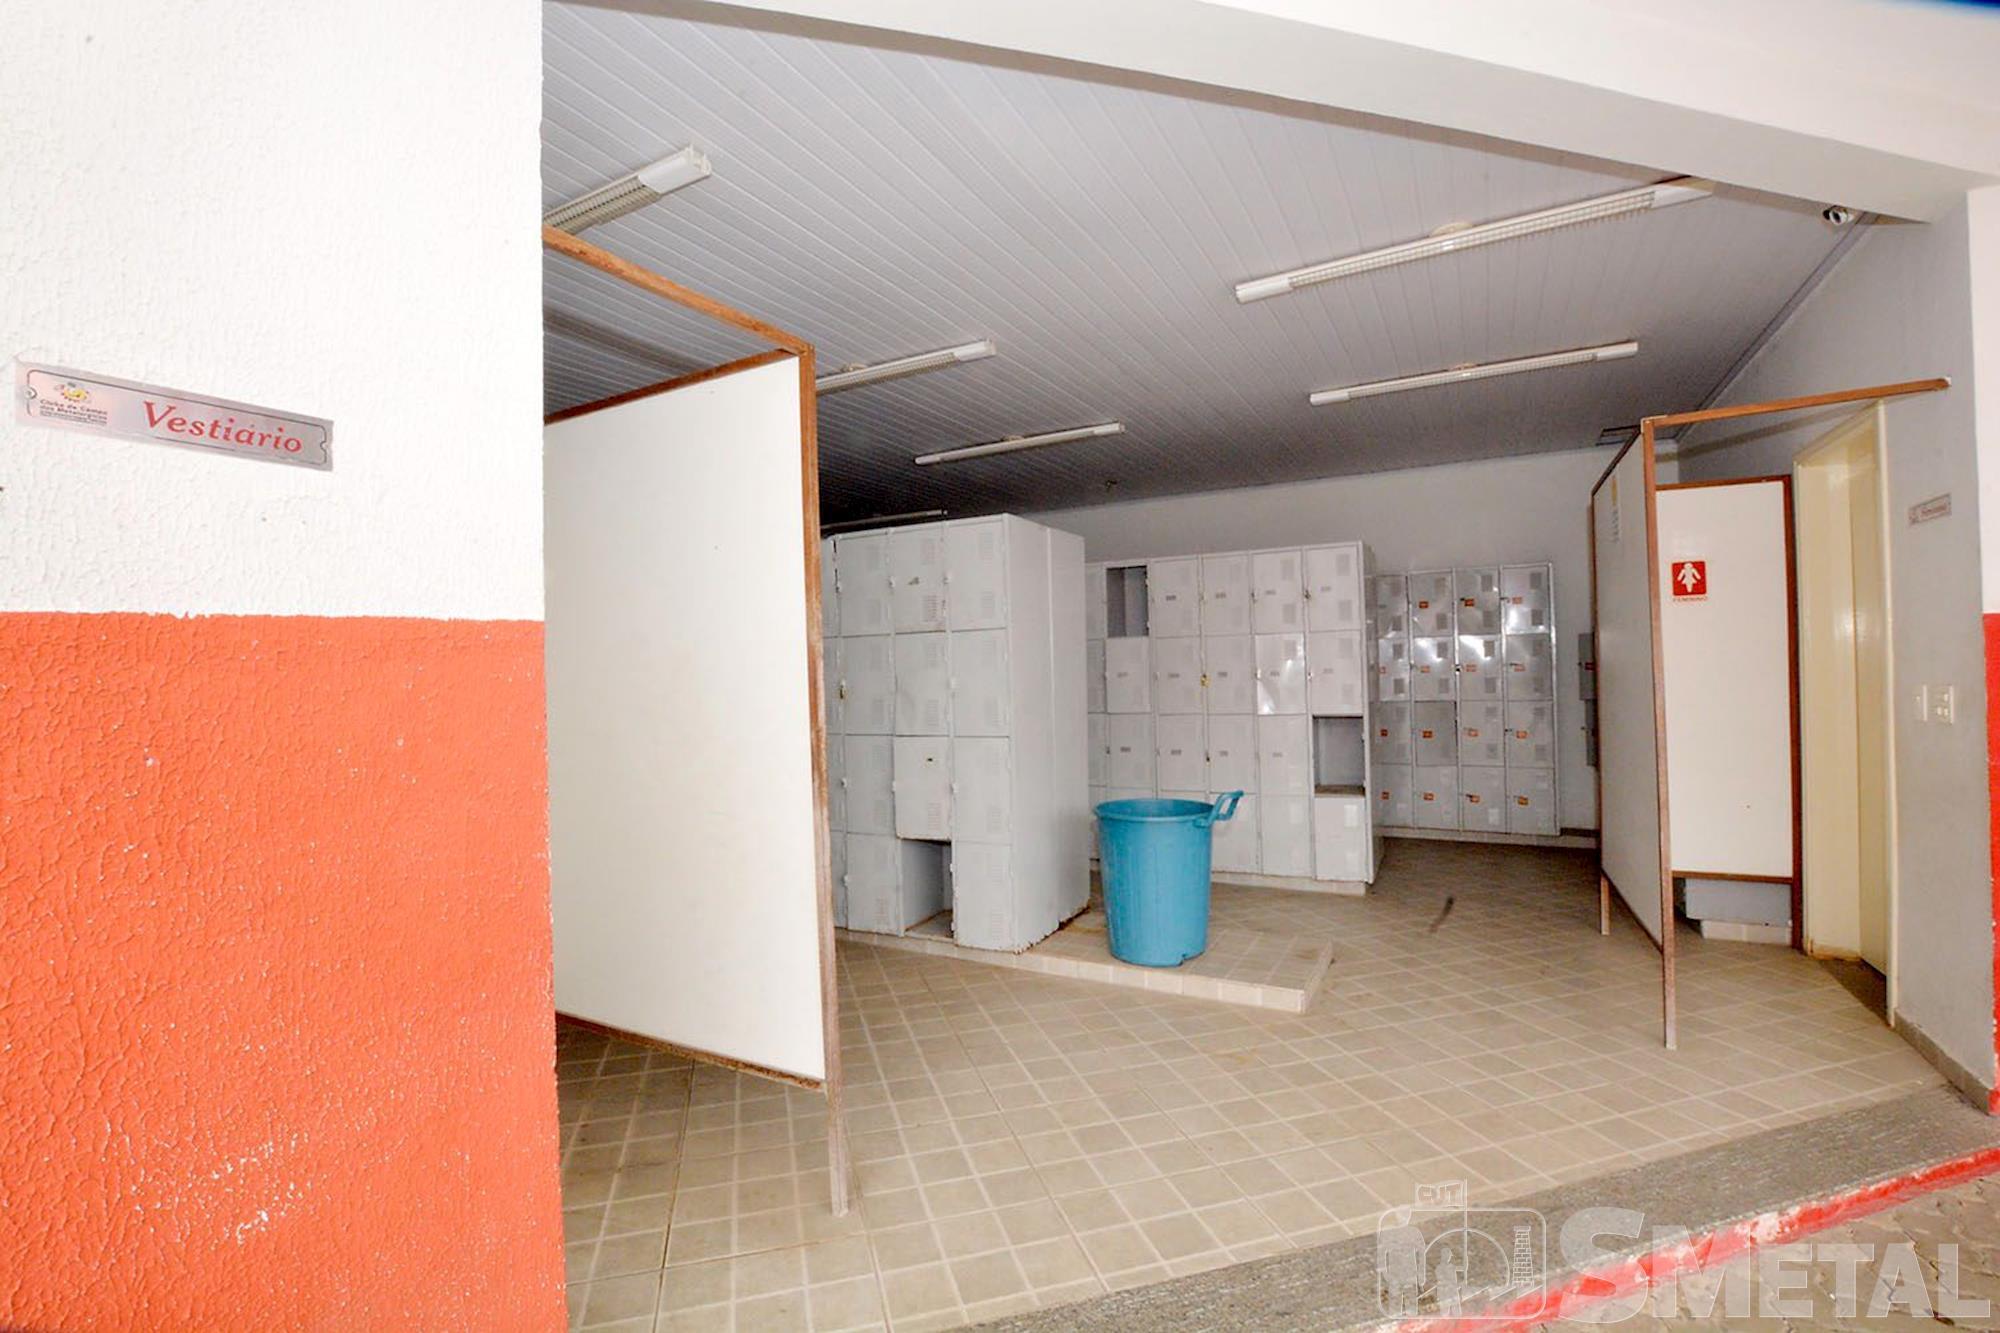 Há também vestiários para maior comodidade dos associados., Foguinho/Imprensa SMetal